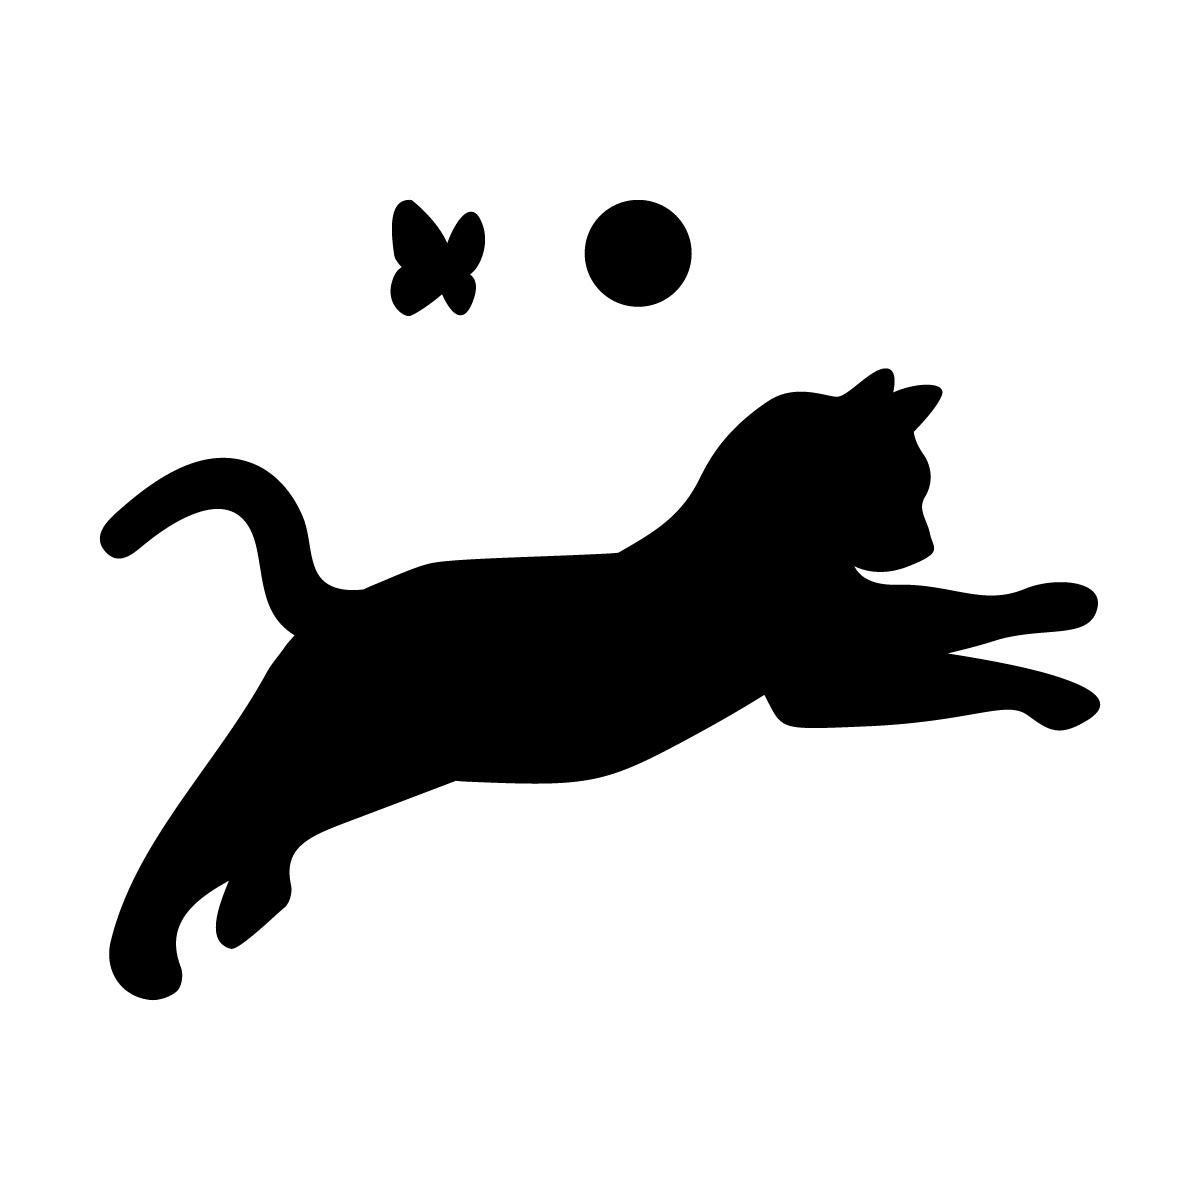 飛びかかるネコ(蝶・ボール付き)のシルエットステッカー・シール